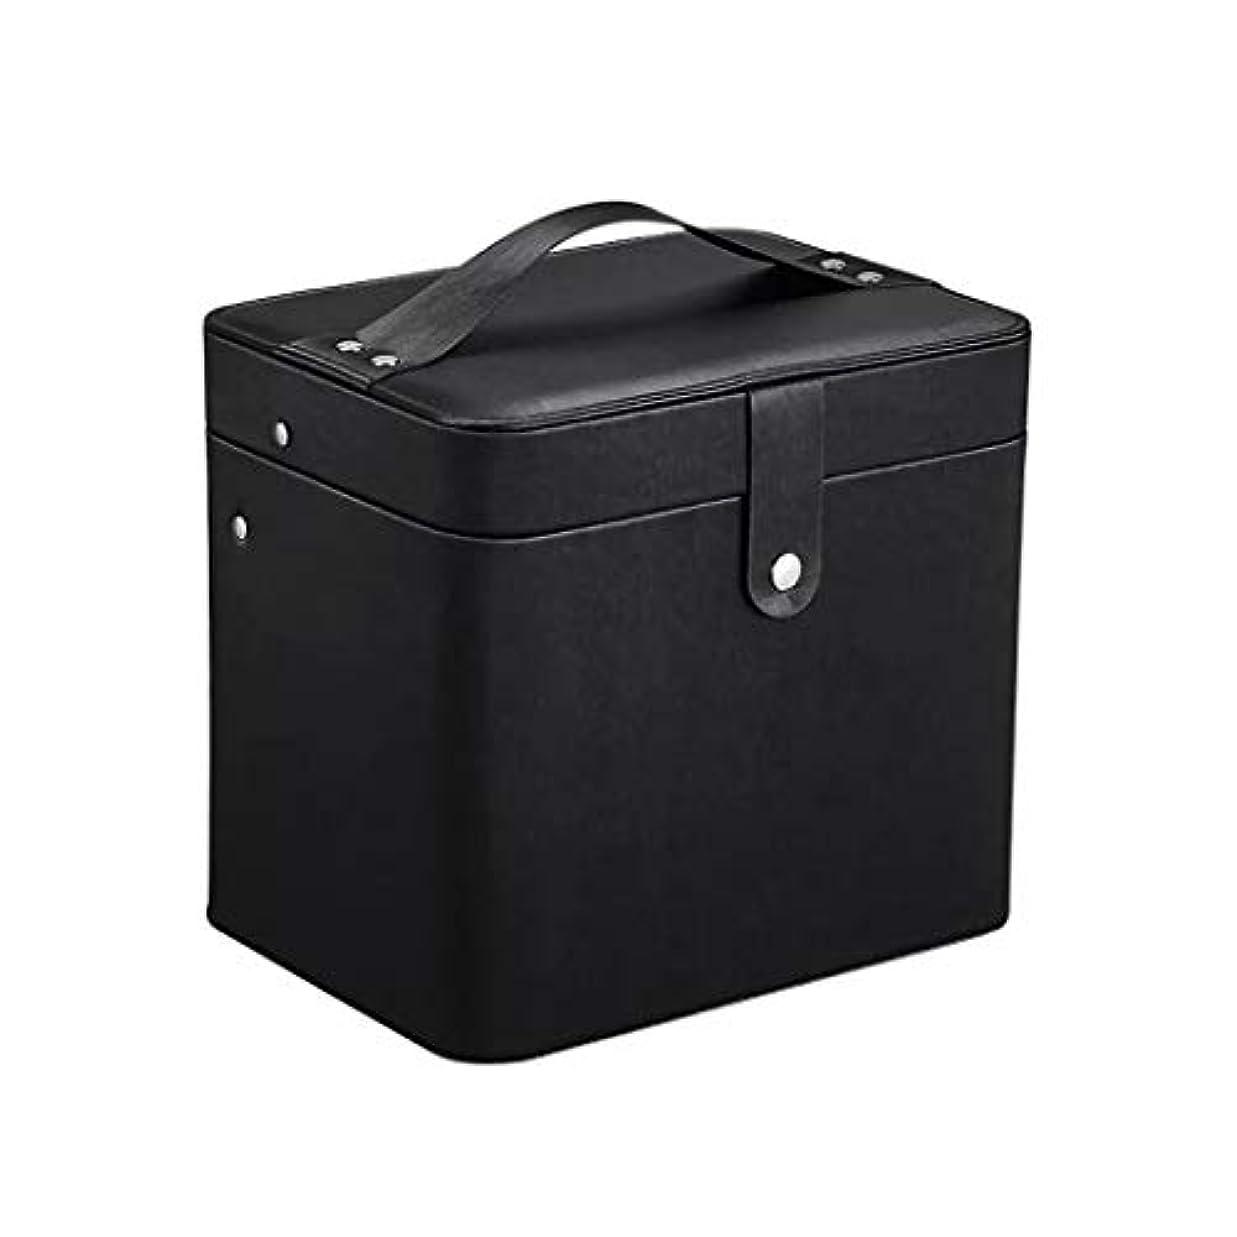 素子克服するれんがSZTulip コスメボックス メイクボックス 大容量収納ケース メイクブラシ化粧道具 小物入れ 鏡付き 化粧品収納ボックス (ブラック)